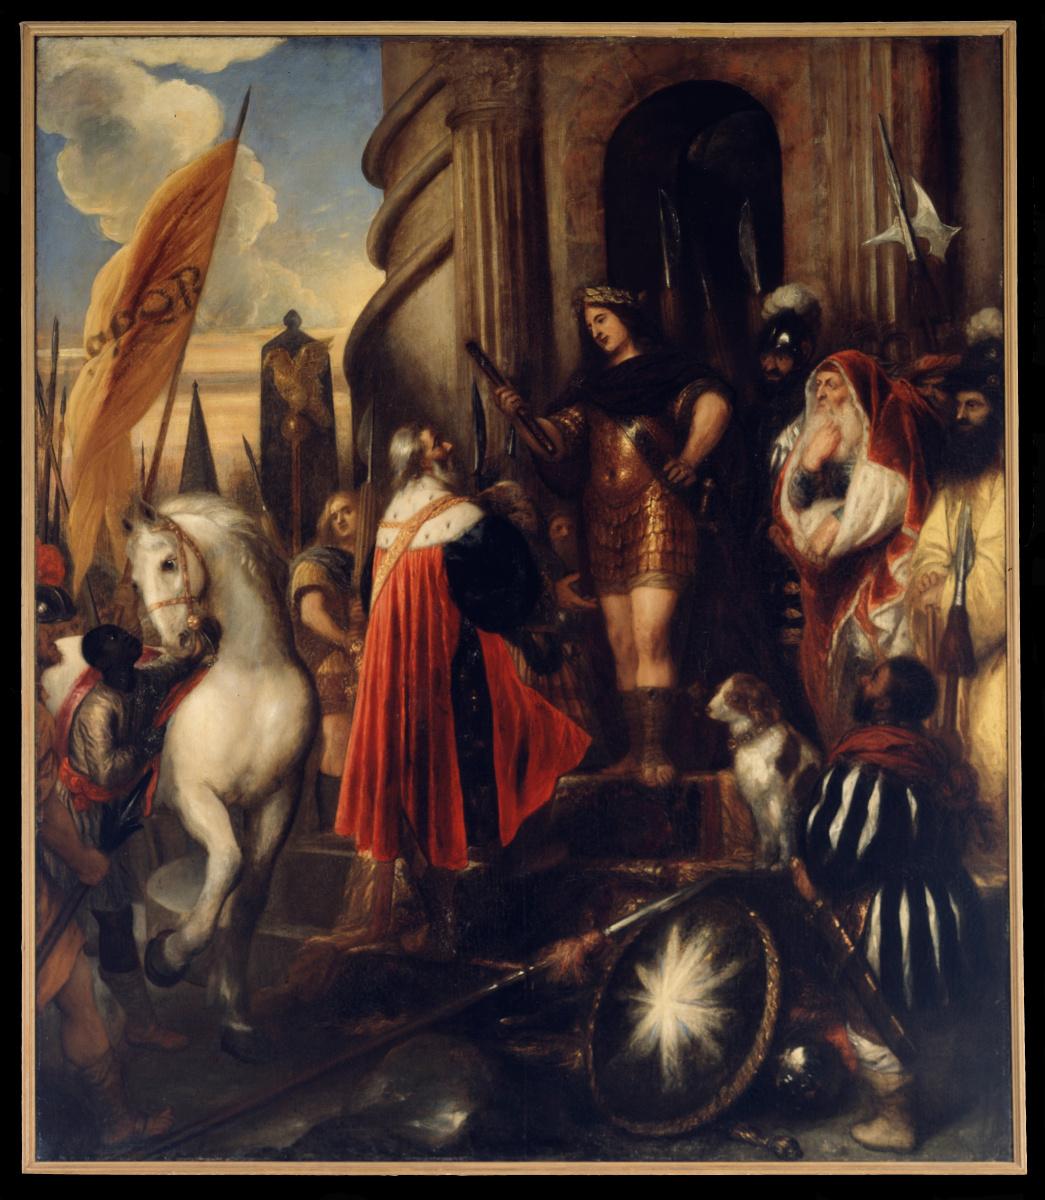 The Consul and the military commander Quintus Fabius Maximus the Cunctator